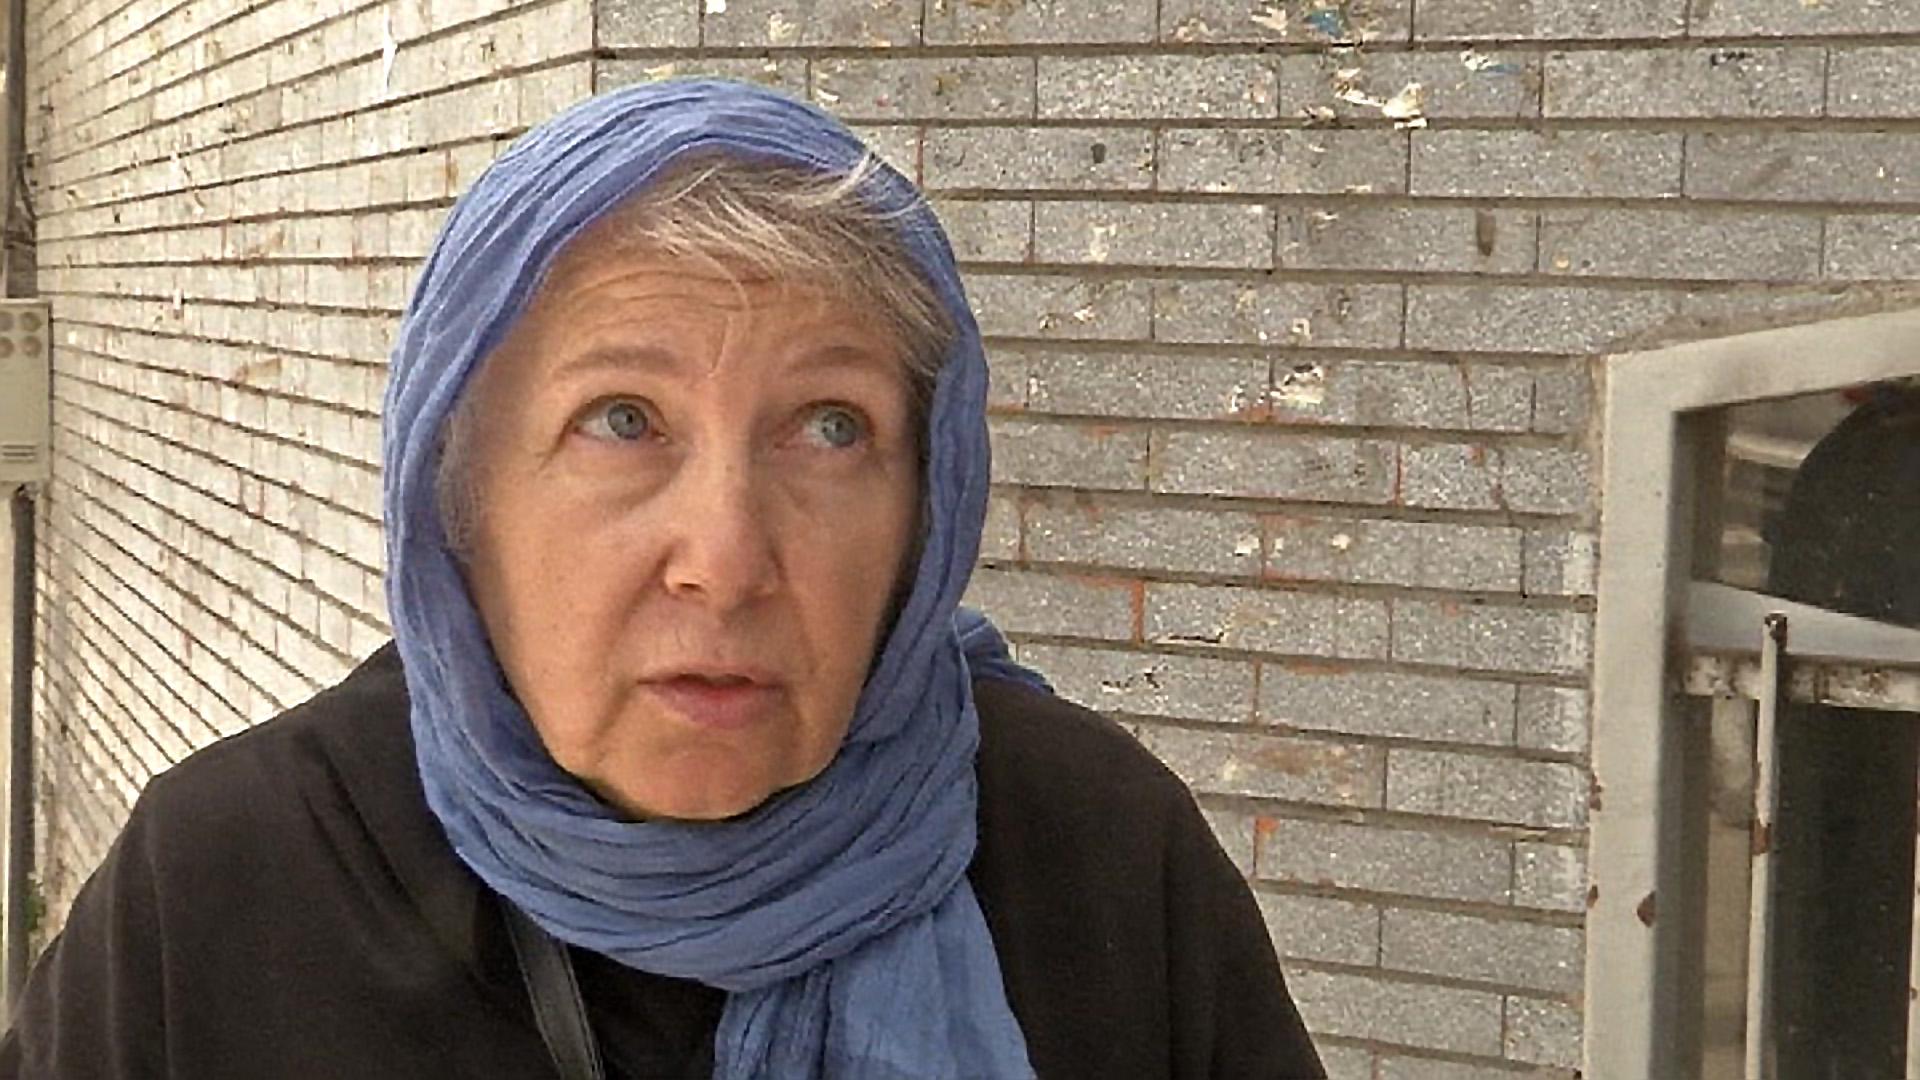 Washington Post Journalist Jason Rezaian Convicted in Iran